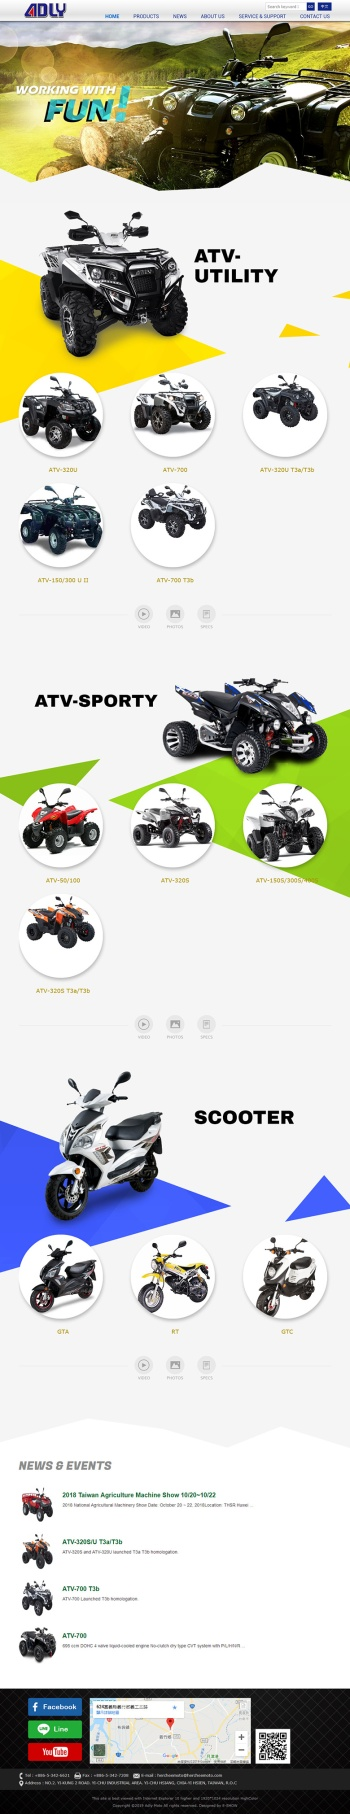 合騏工業股份有限公司 網頁、行動裝置版設計